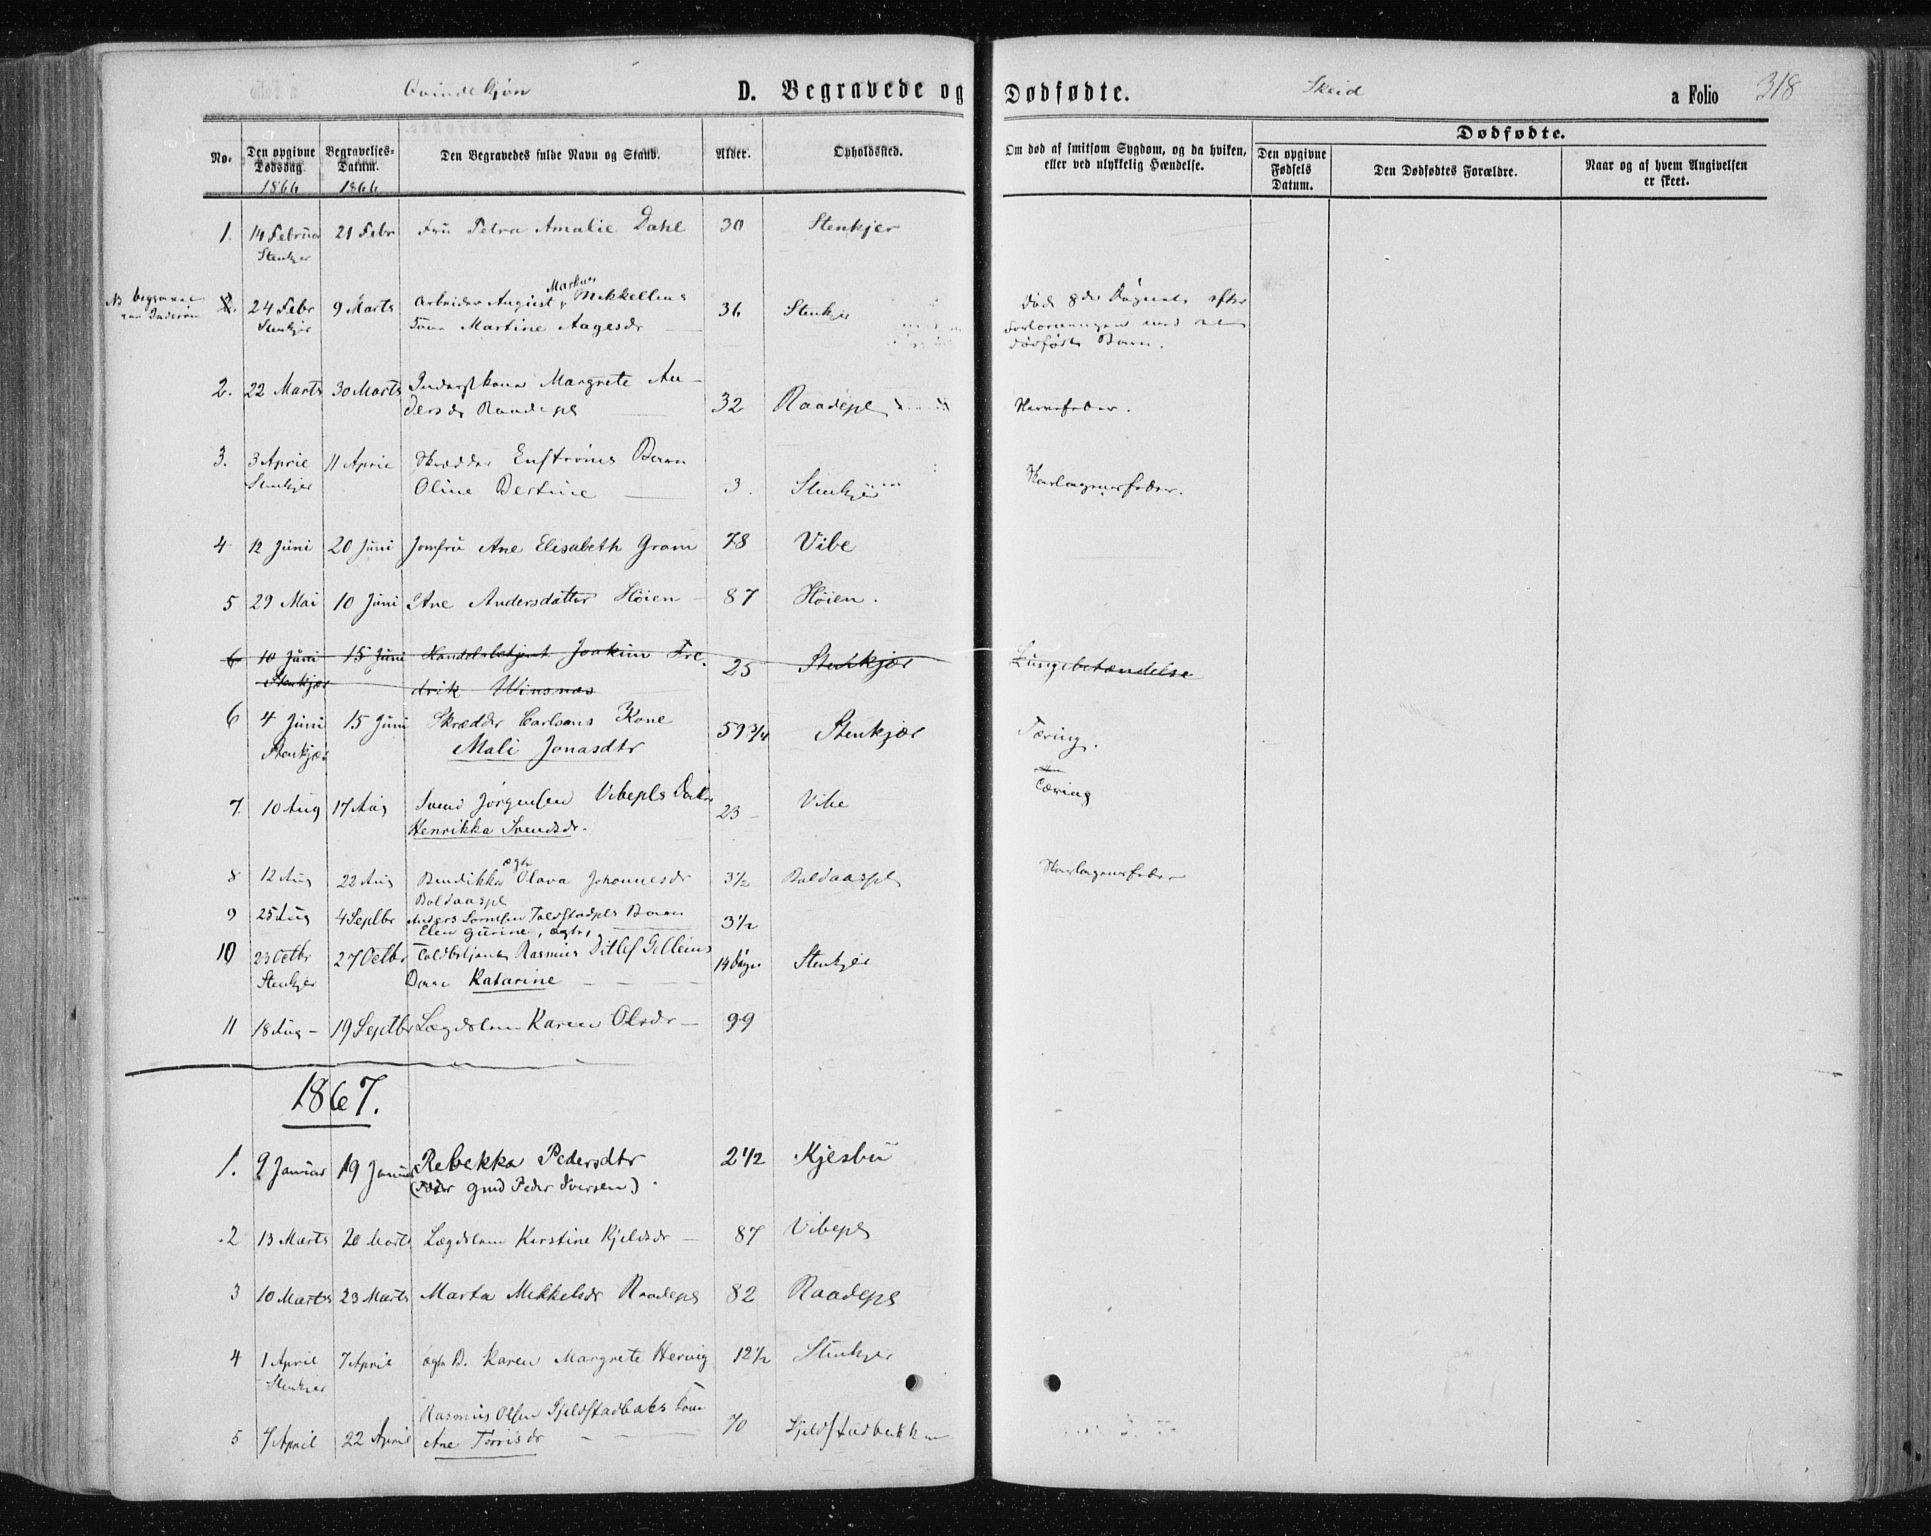 SAT, Ministerialprotokoller, klokkerbøker og fødselsregistre - Nord-Trøndelag, 735/L0345: Ministerialbok nr. 735A08 /2, 1863-1872, s. 318